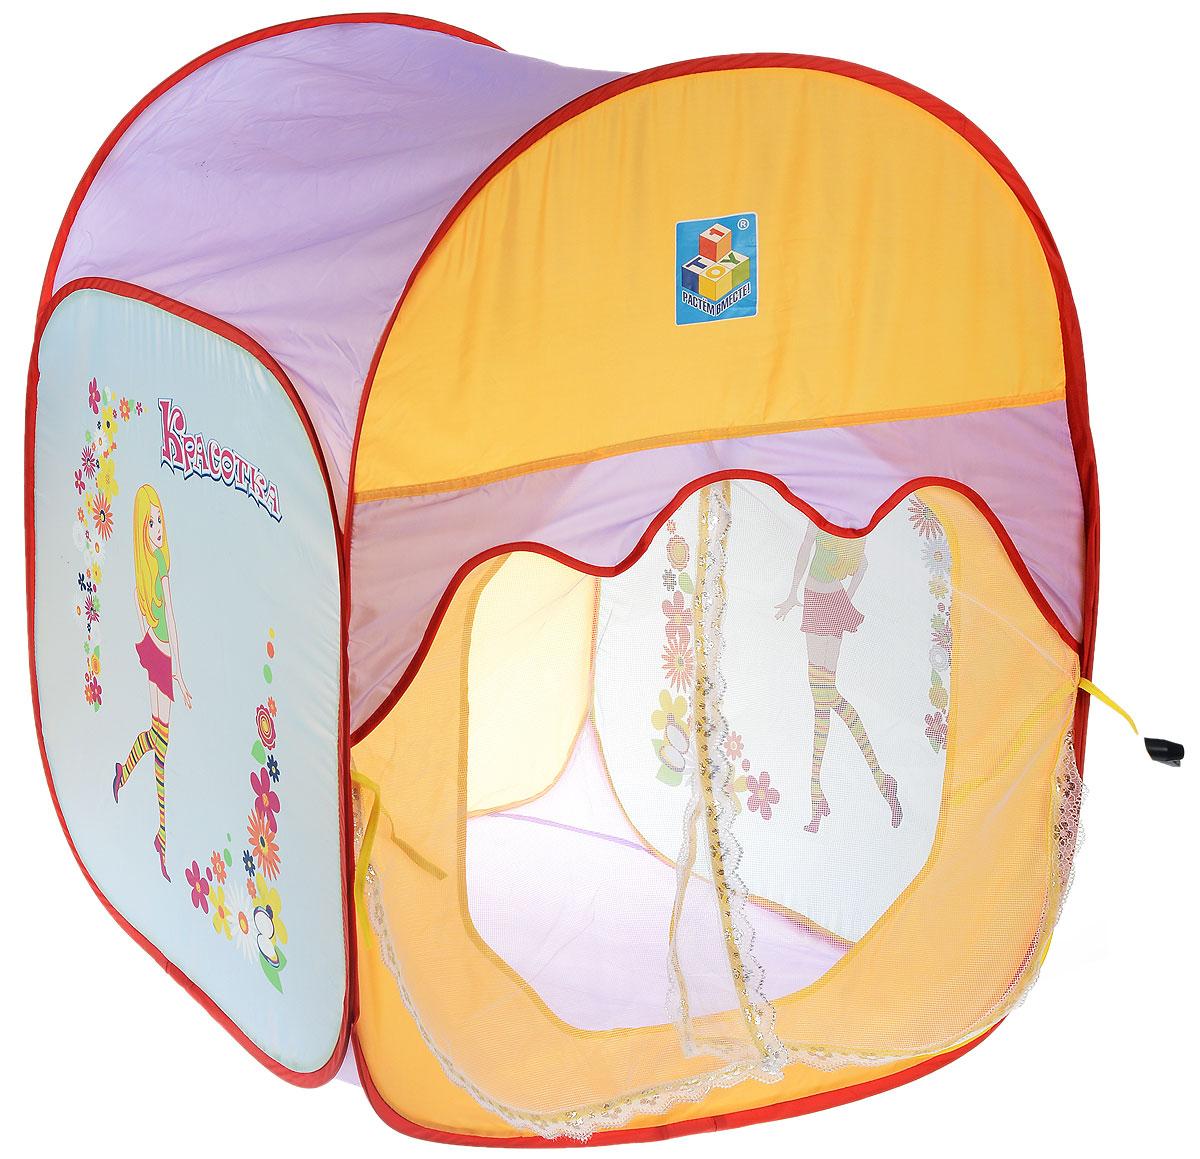 1TOY Детская игровая палатка Красотка цвет желтый голубой